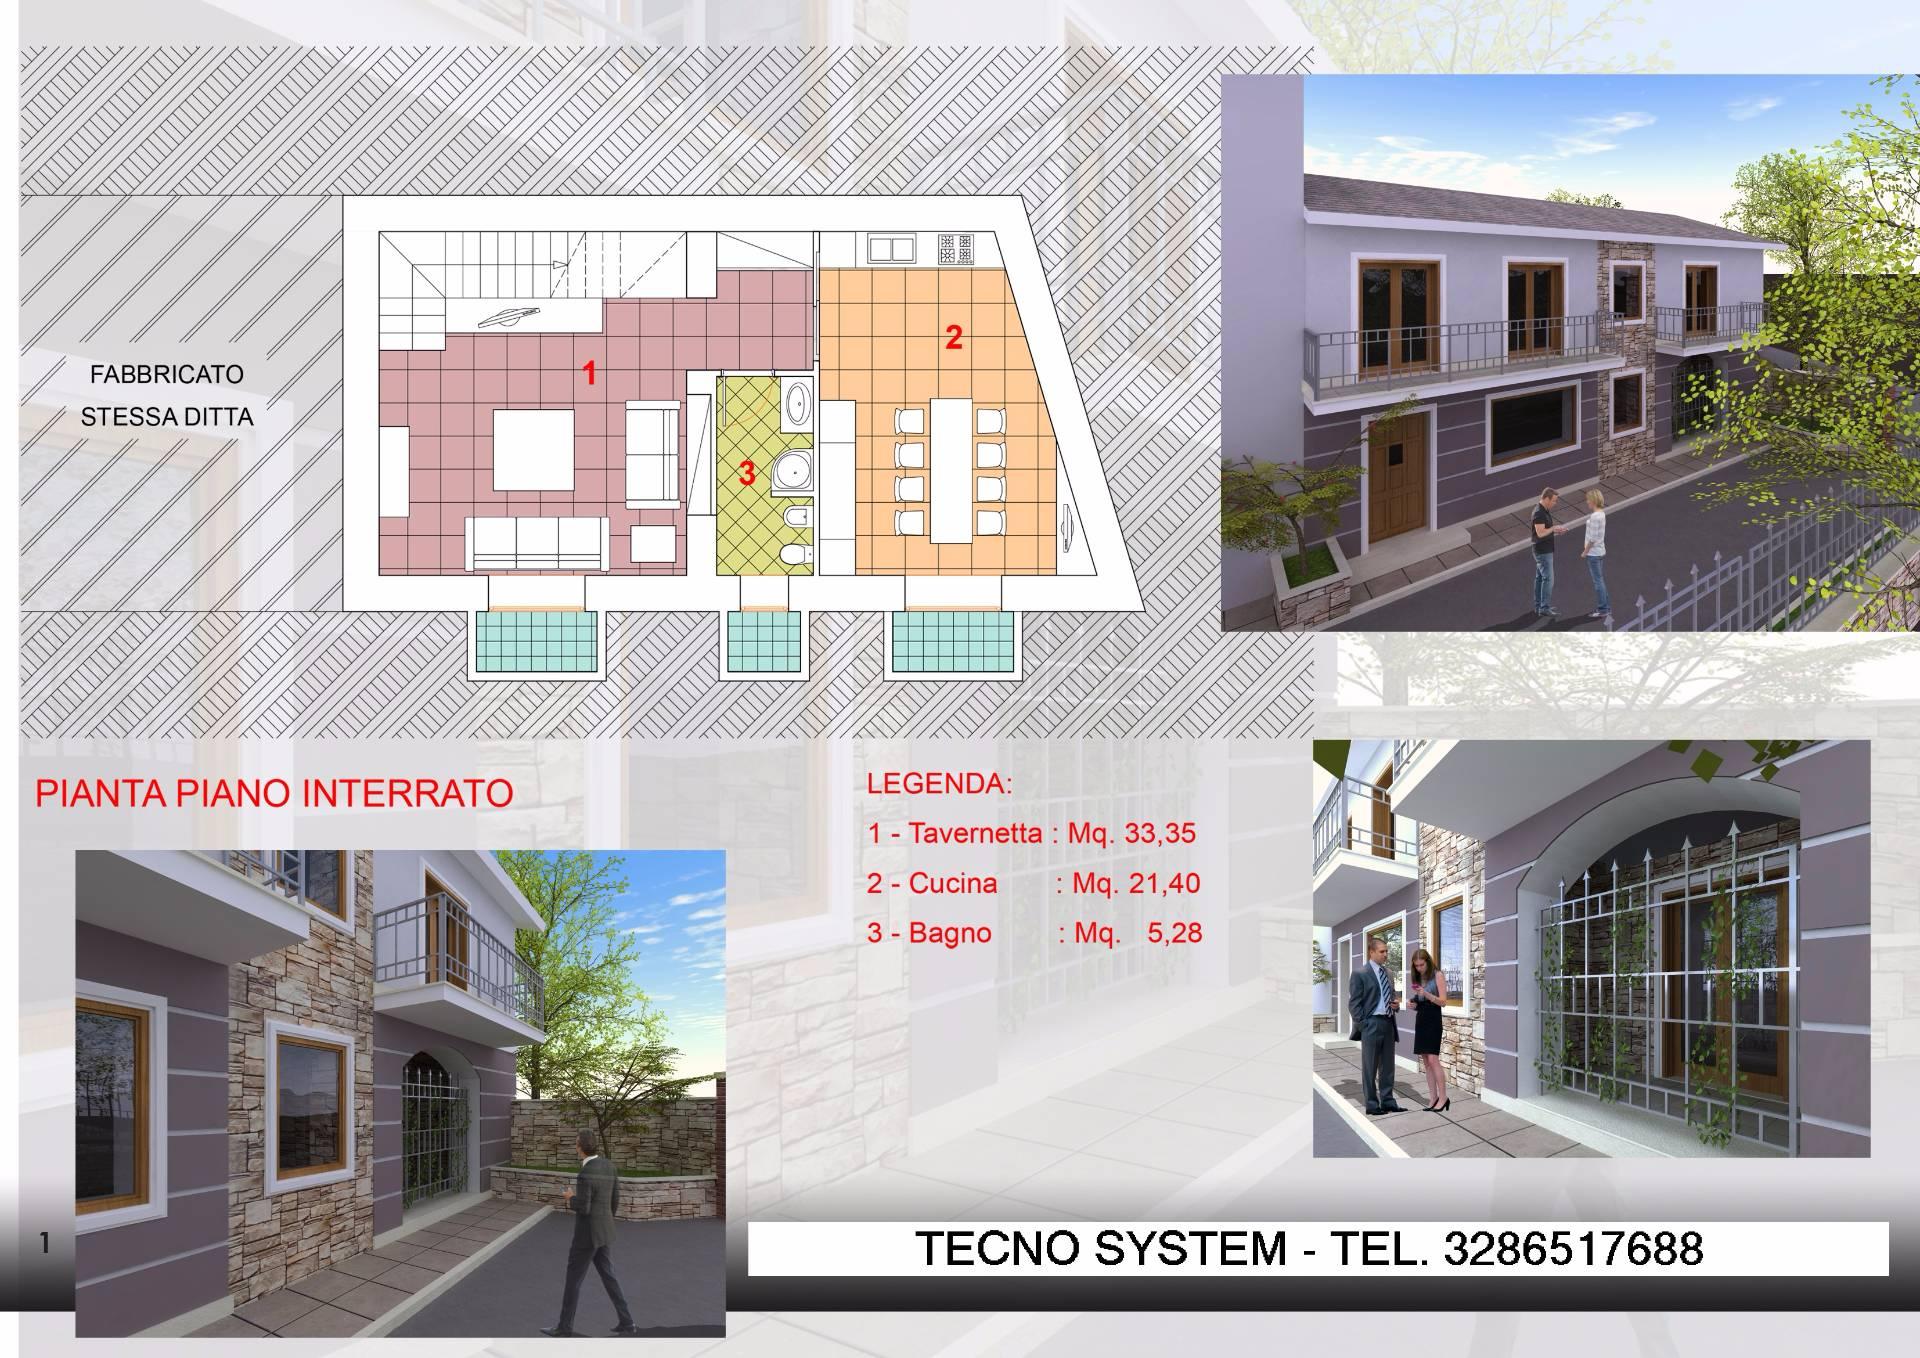 Villa in vendita a Baronissi, 4 locali, prezzo € 295.000 | CambioCasa.it